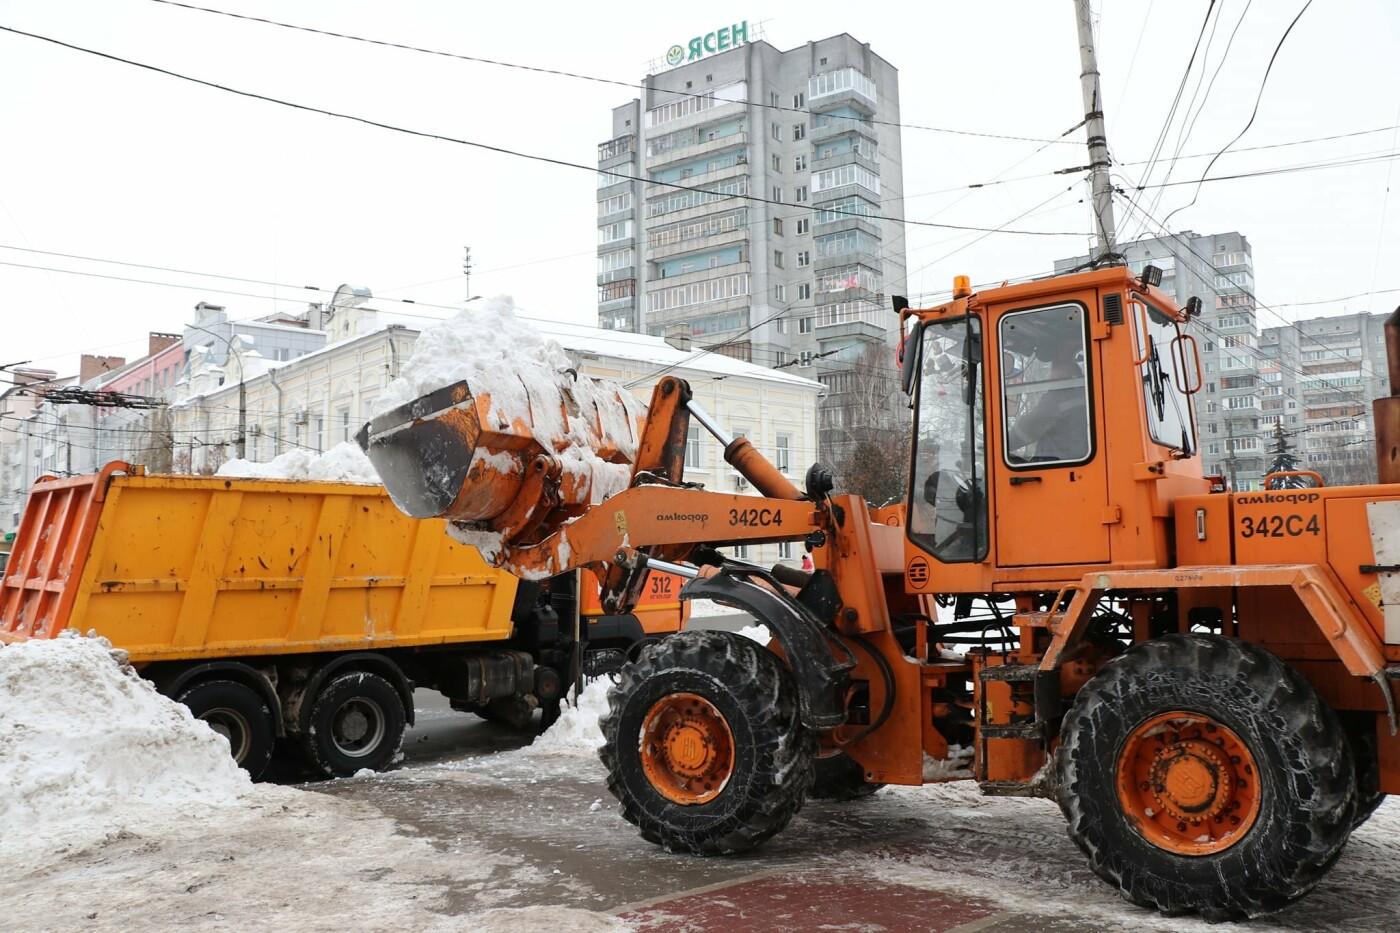 Тотальна чистка: за вихідні з вулиціь Чернігова вивезли більше 6 000 м3 снігу, фото-2